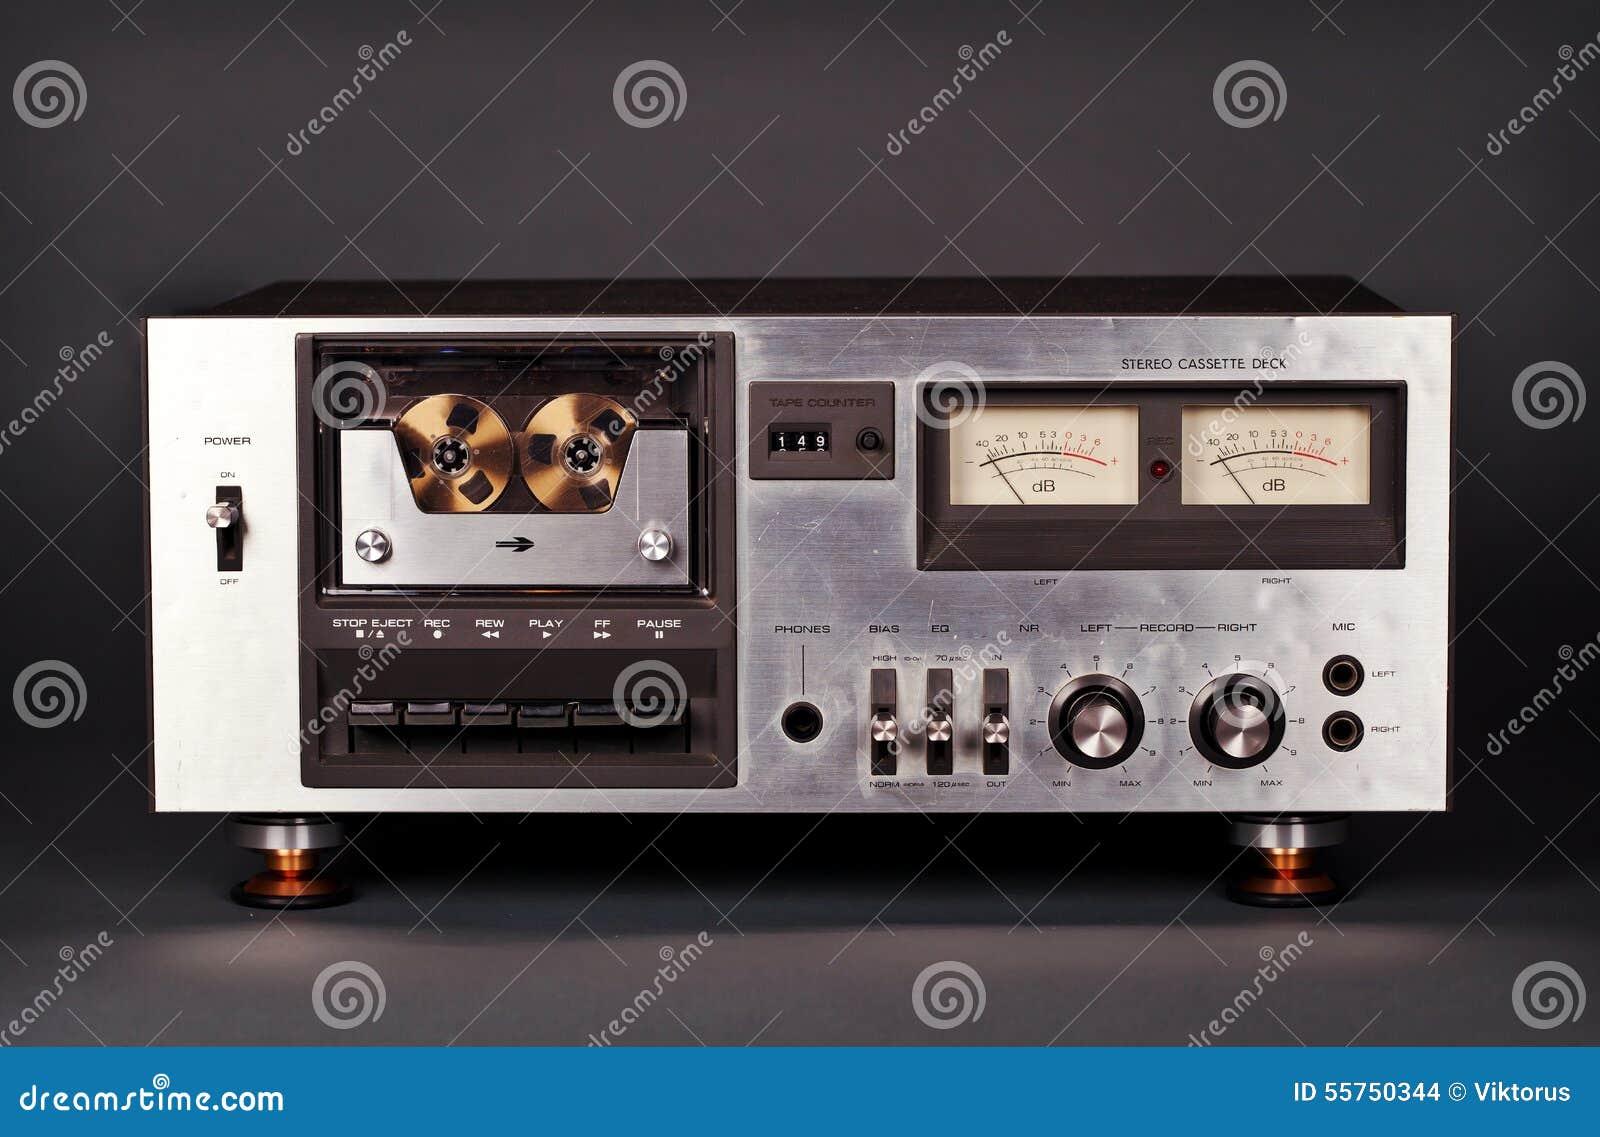 葡萄酒立体声盒式磁带甲板球员记录器